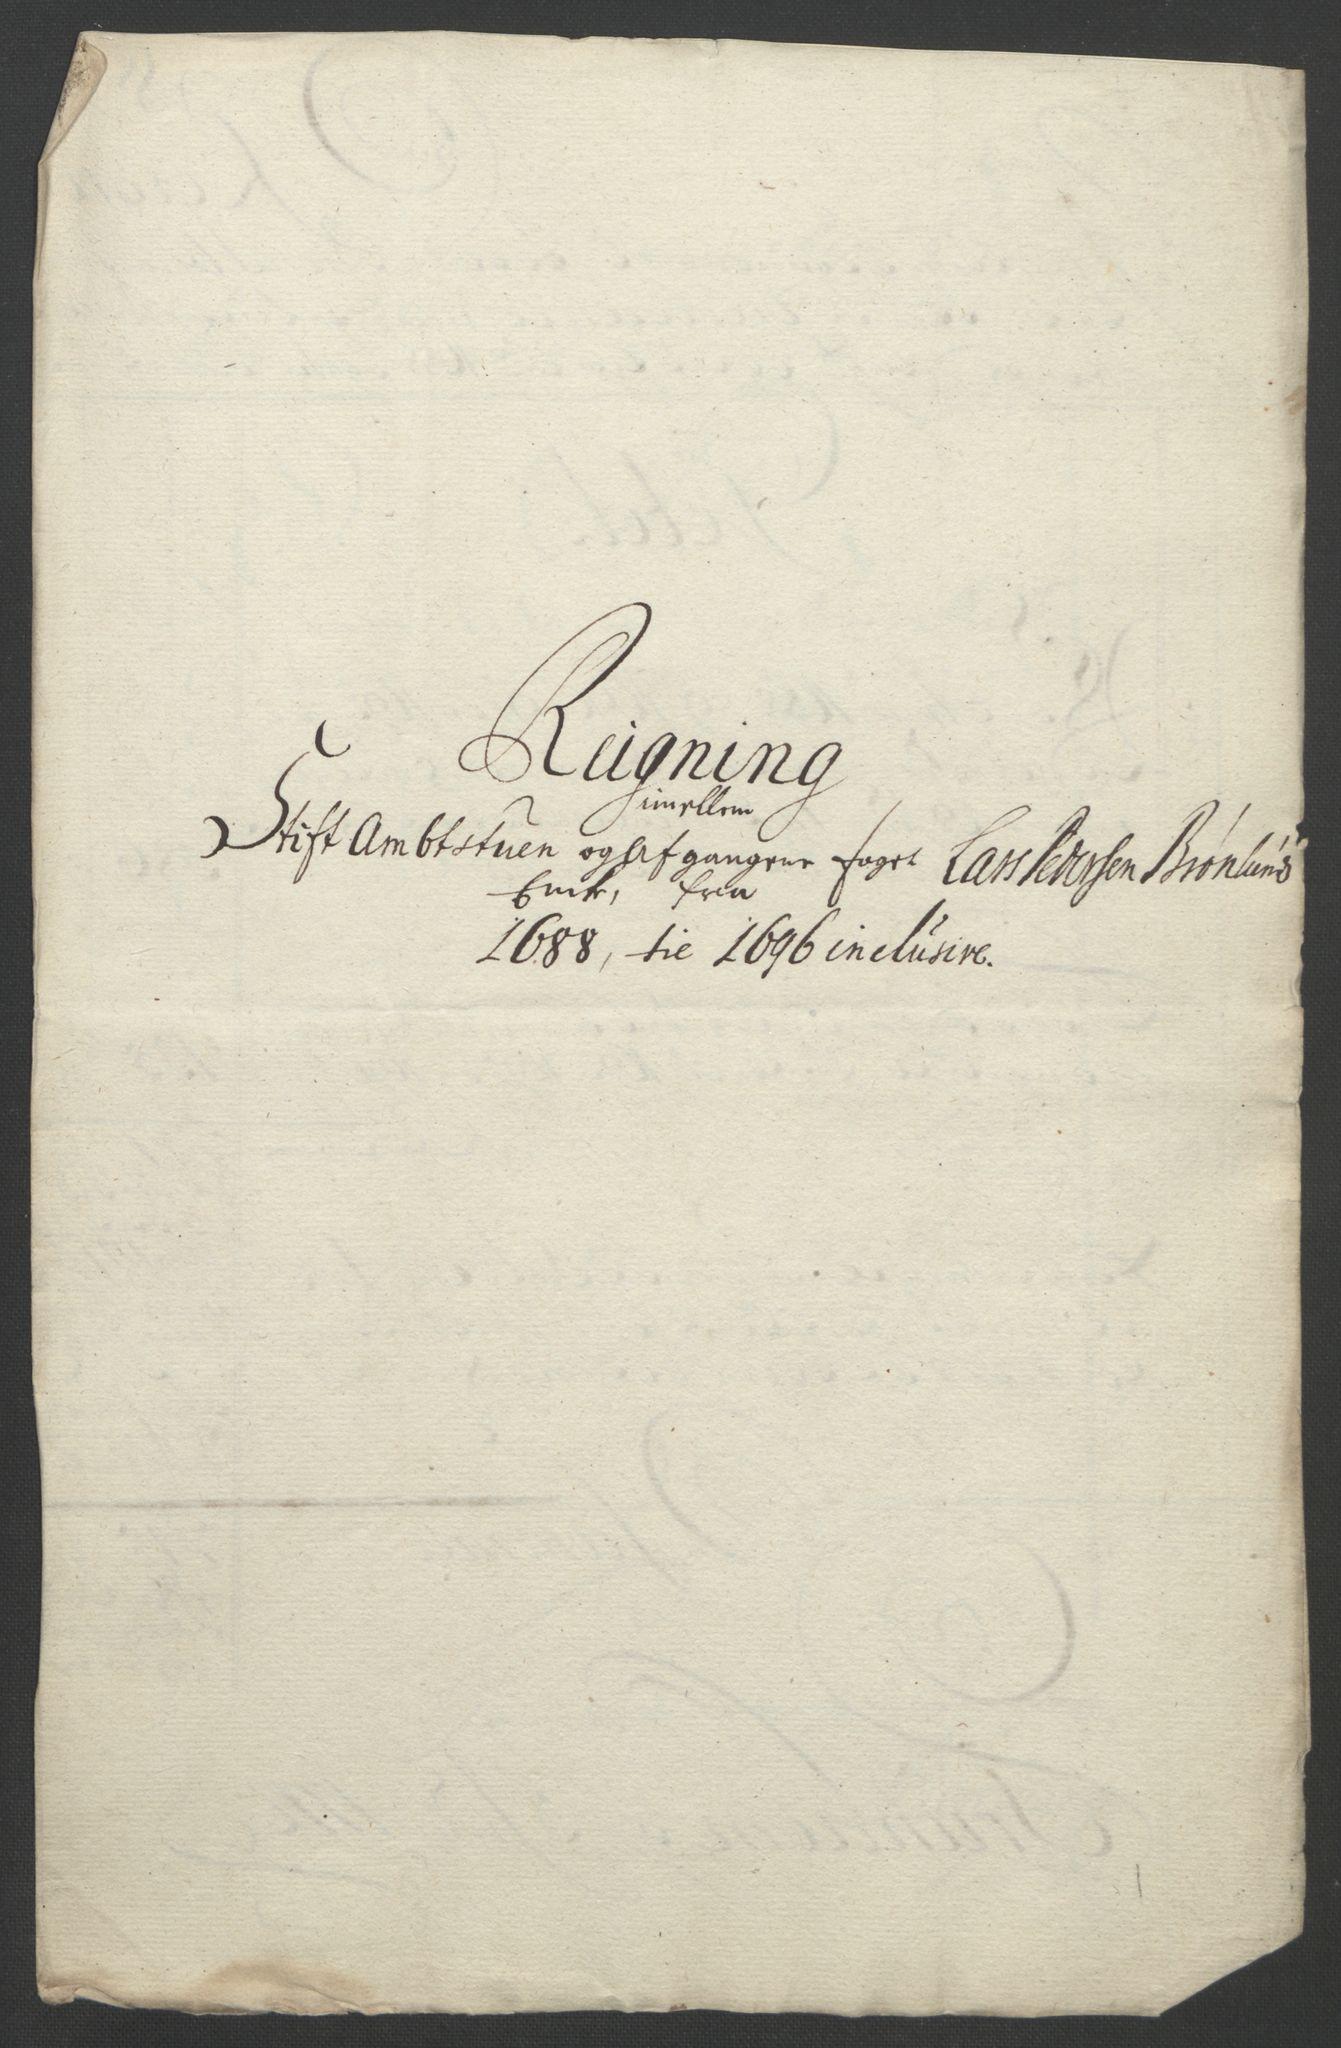 RA, Rentekammeret inntil 1814, Reviderte regnskaper, Fogderegnskap, R57/L3851: Fogderegnskap Fosen, 1695-1696, s. 356